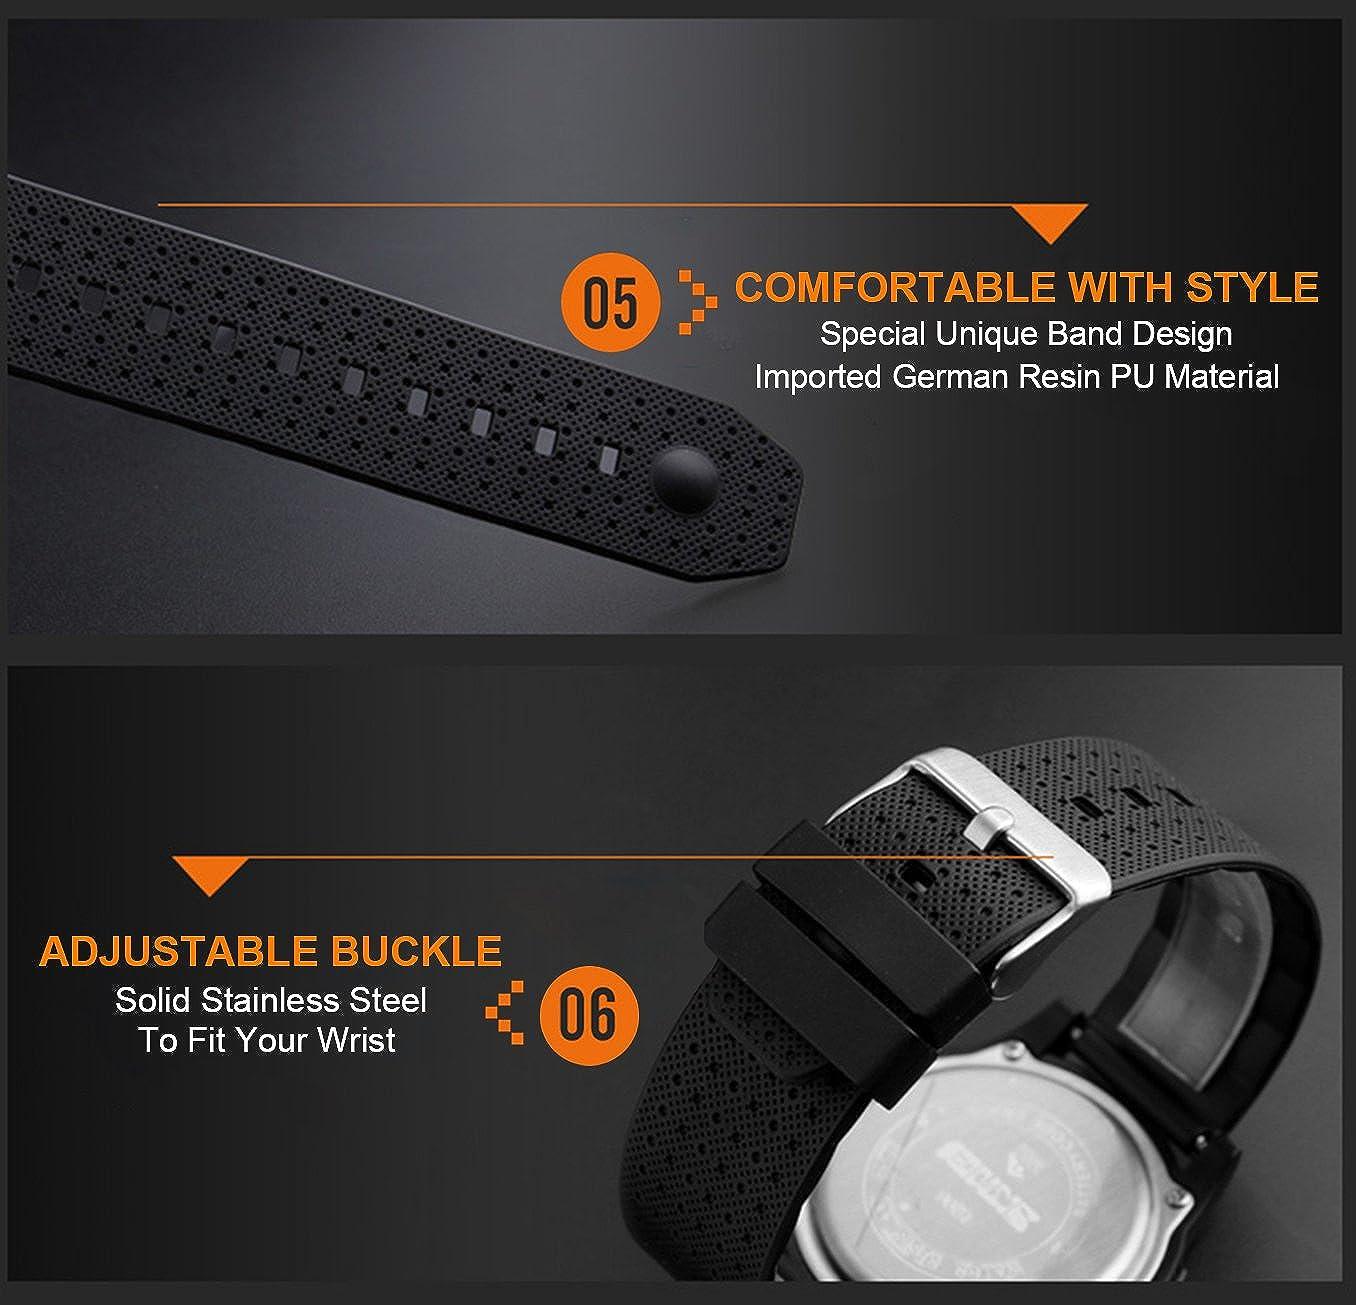 Hombres del reloj deportivo digital LED pantalla electrónica militar relojes y resistente al agua Casual luminoso cronómetro alarma Simple ejército reloj ...